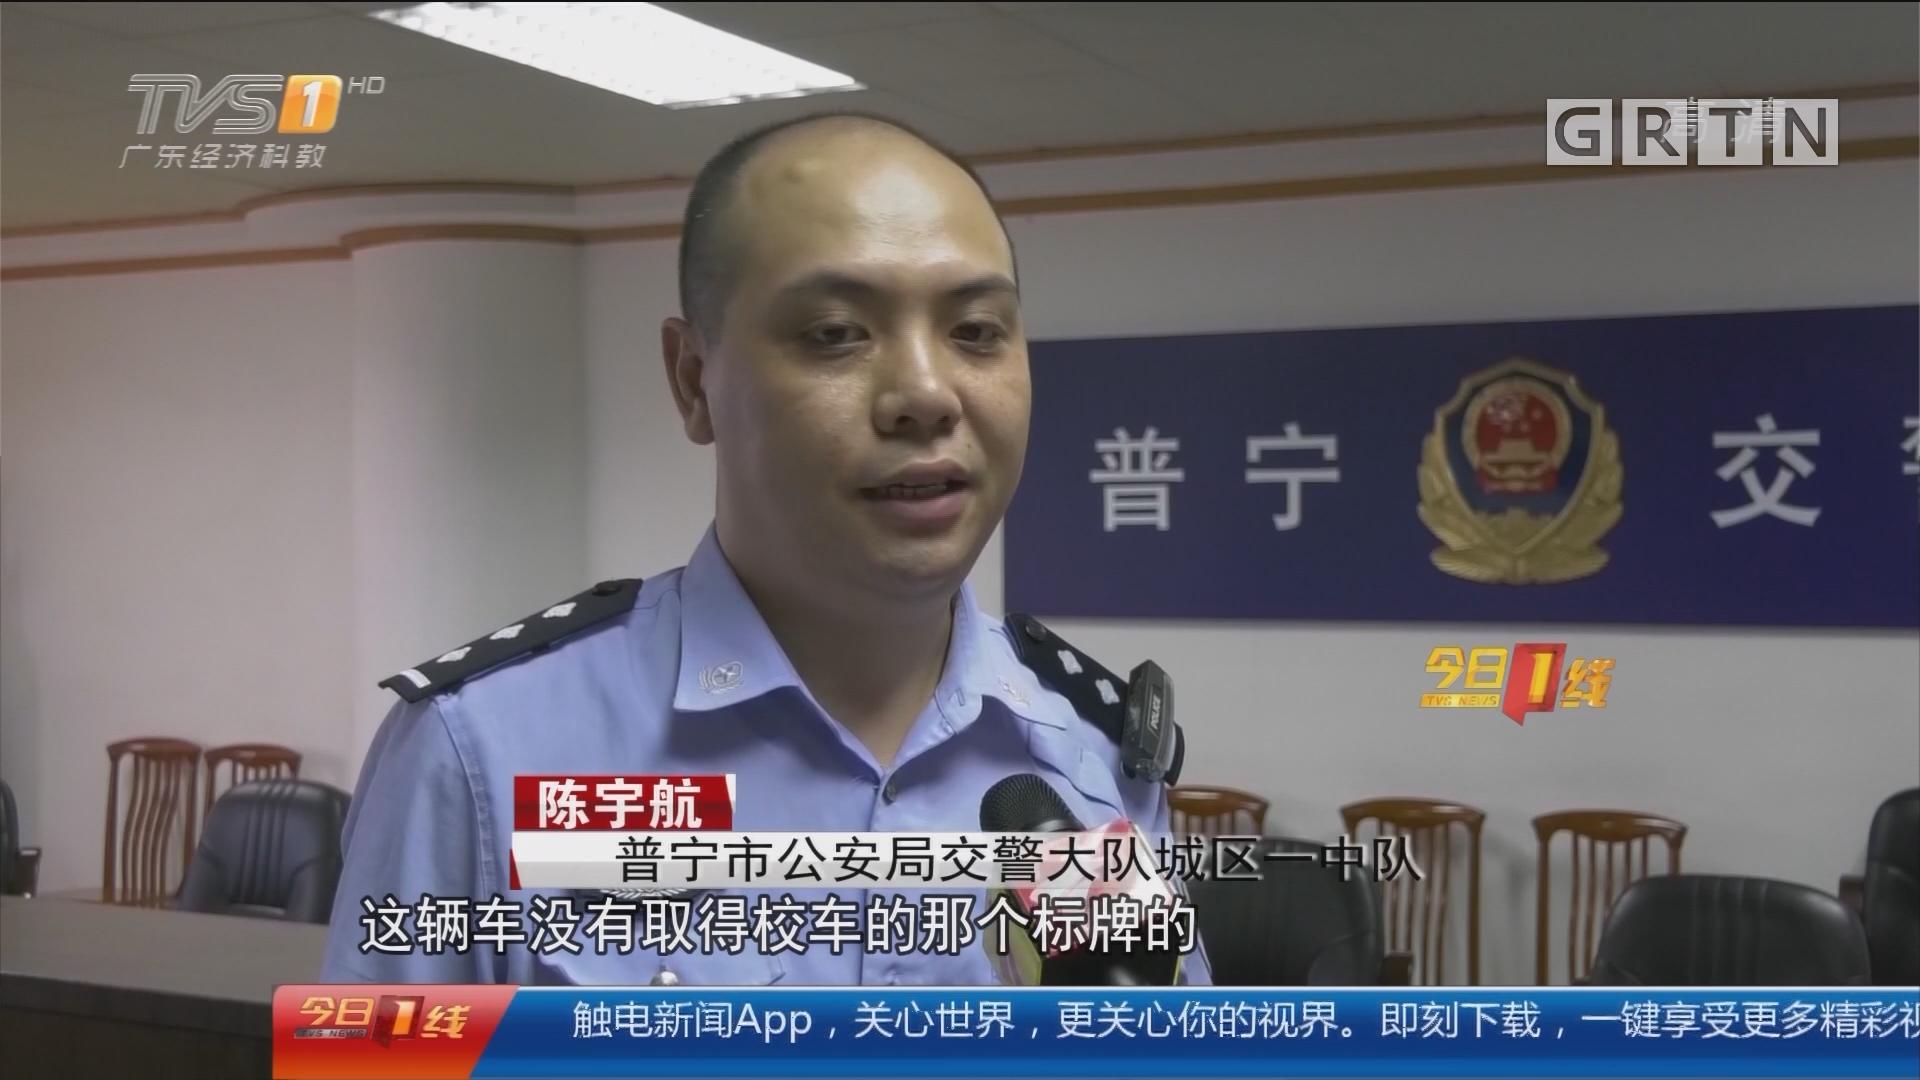 揭阳普宁:幼儿园黑校巴超员143% 交警及时查处